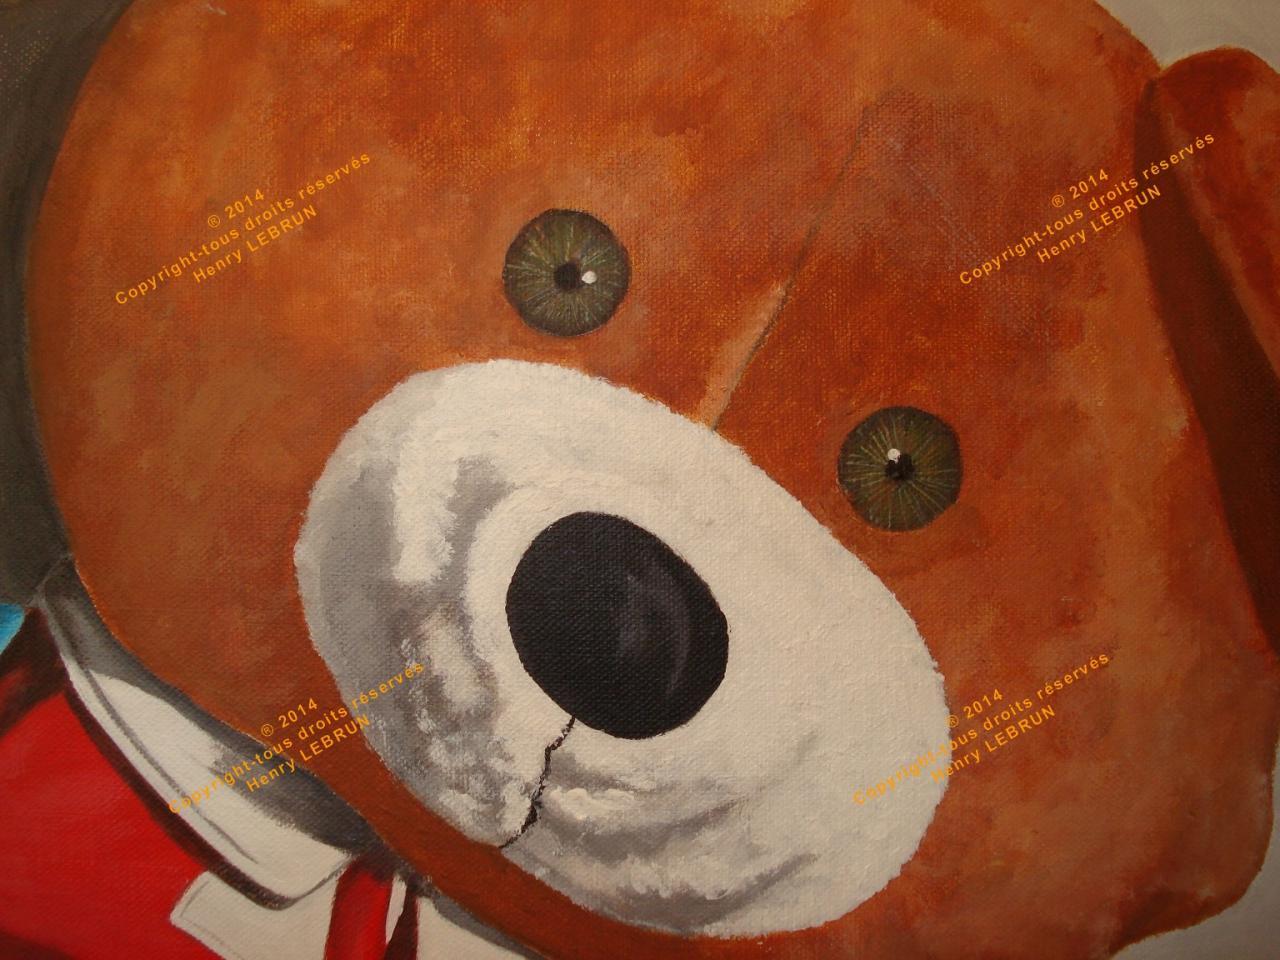 88-L'enfant aux peluches-2014 (6)